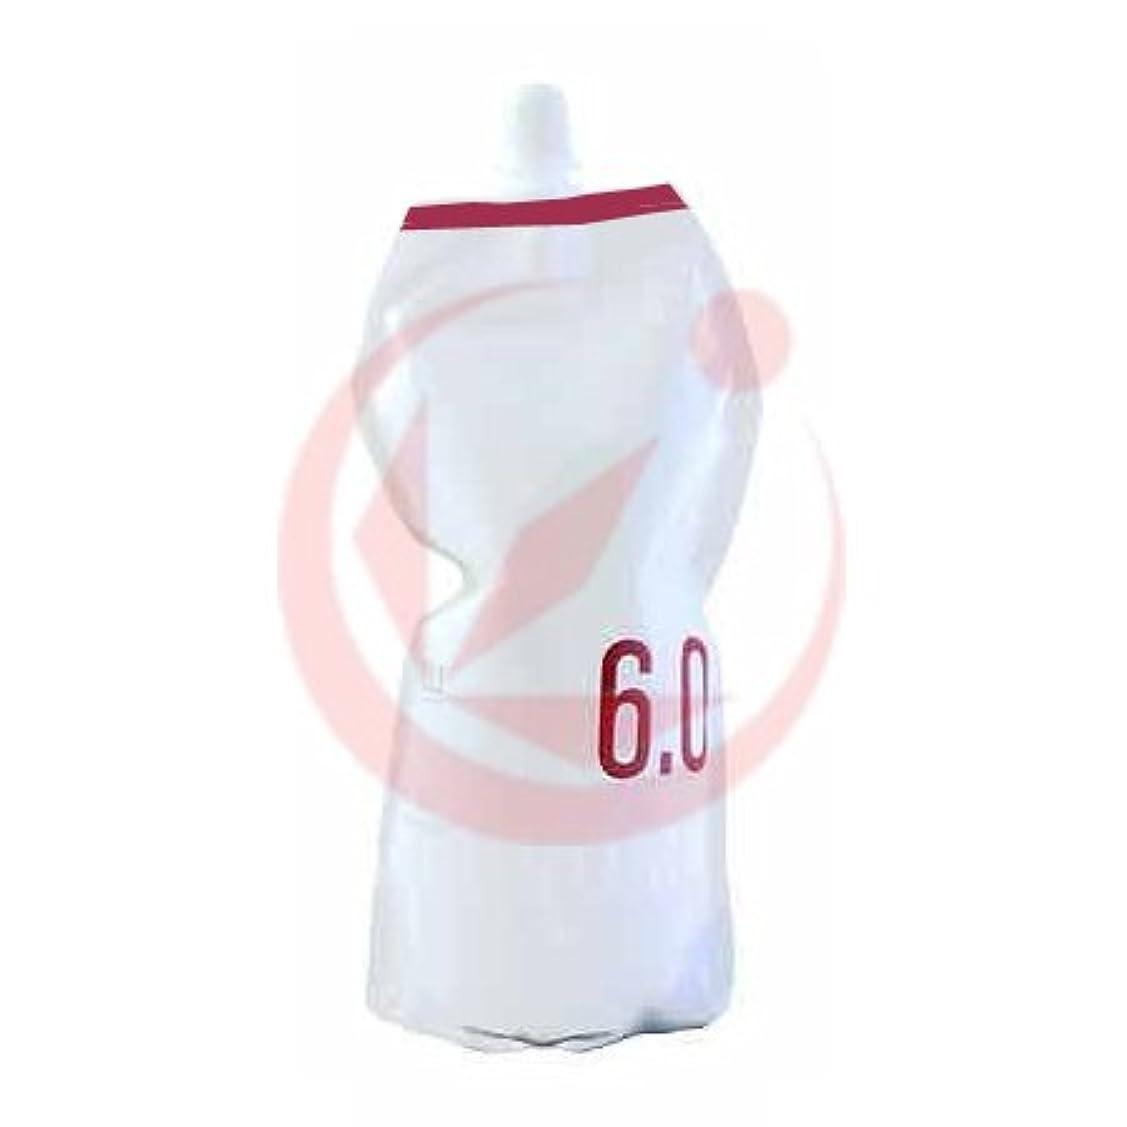 症状ポンペイ地殻ナンバースリー プロアクション リクロマ オキシ(OX) 1200ml(2剤) 6.0%*